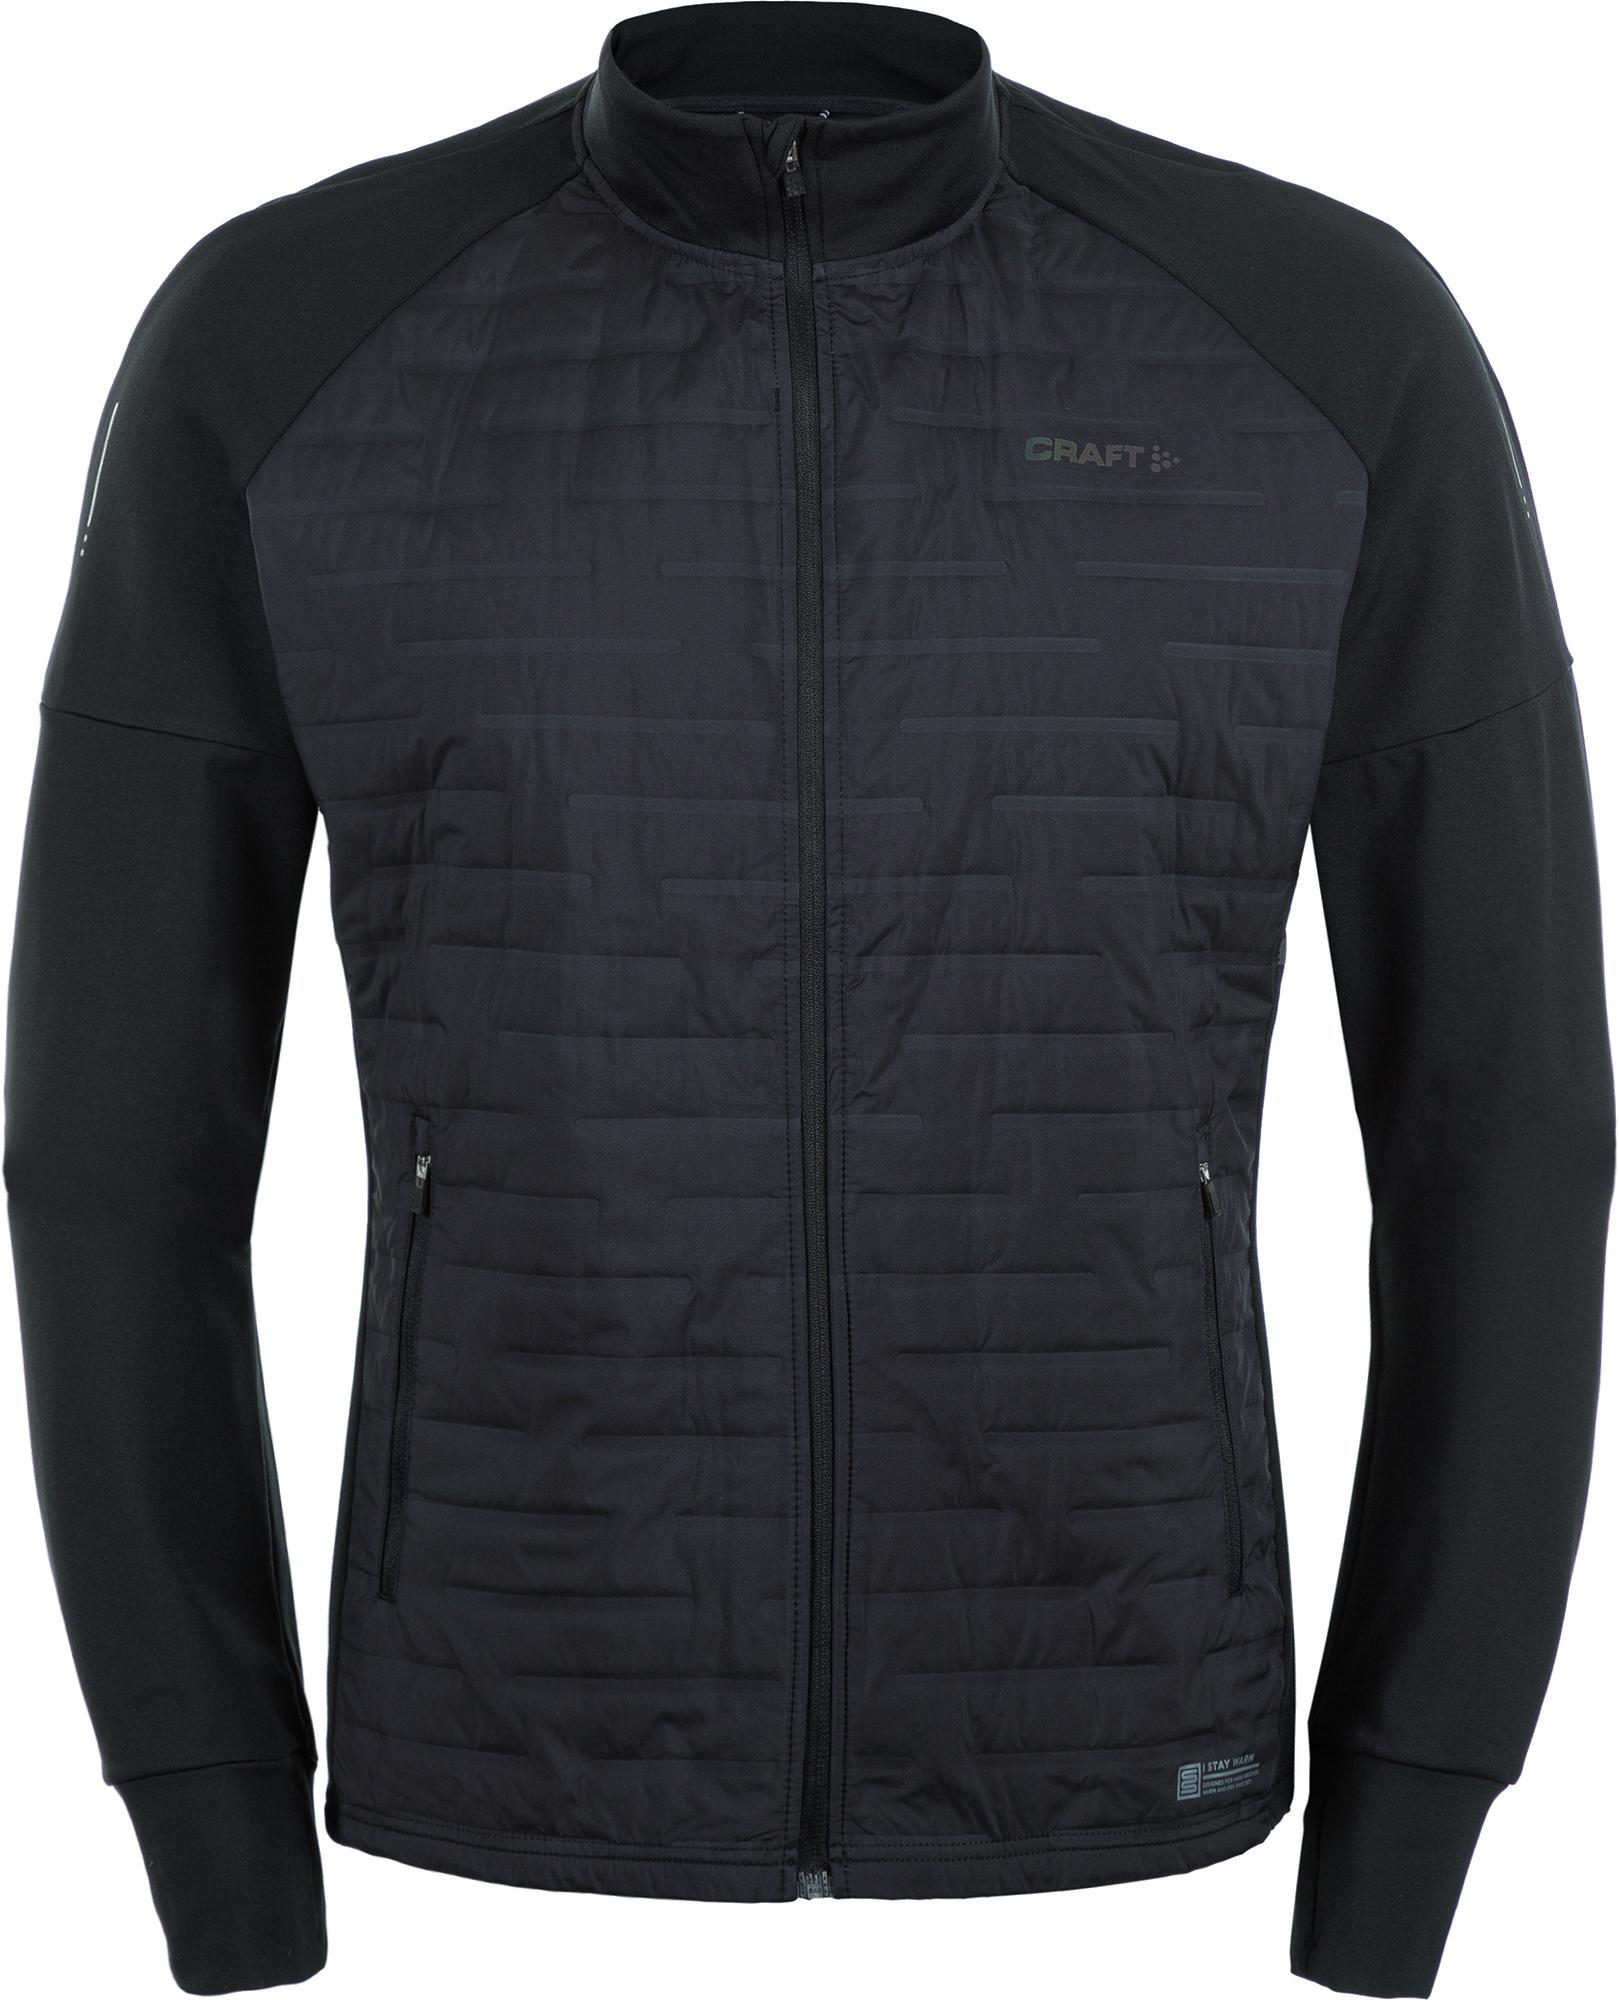 Фото - Craft Куртка мужская Craft SubZ, размер 48-50 craft куртка мужская craft размер 52